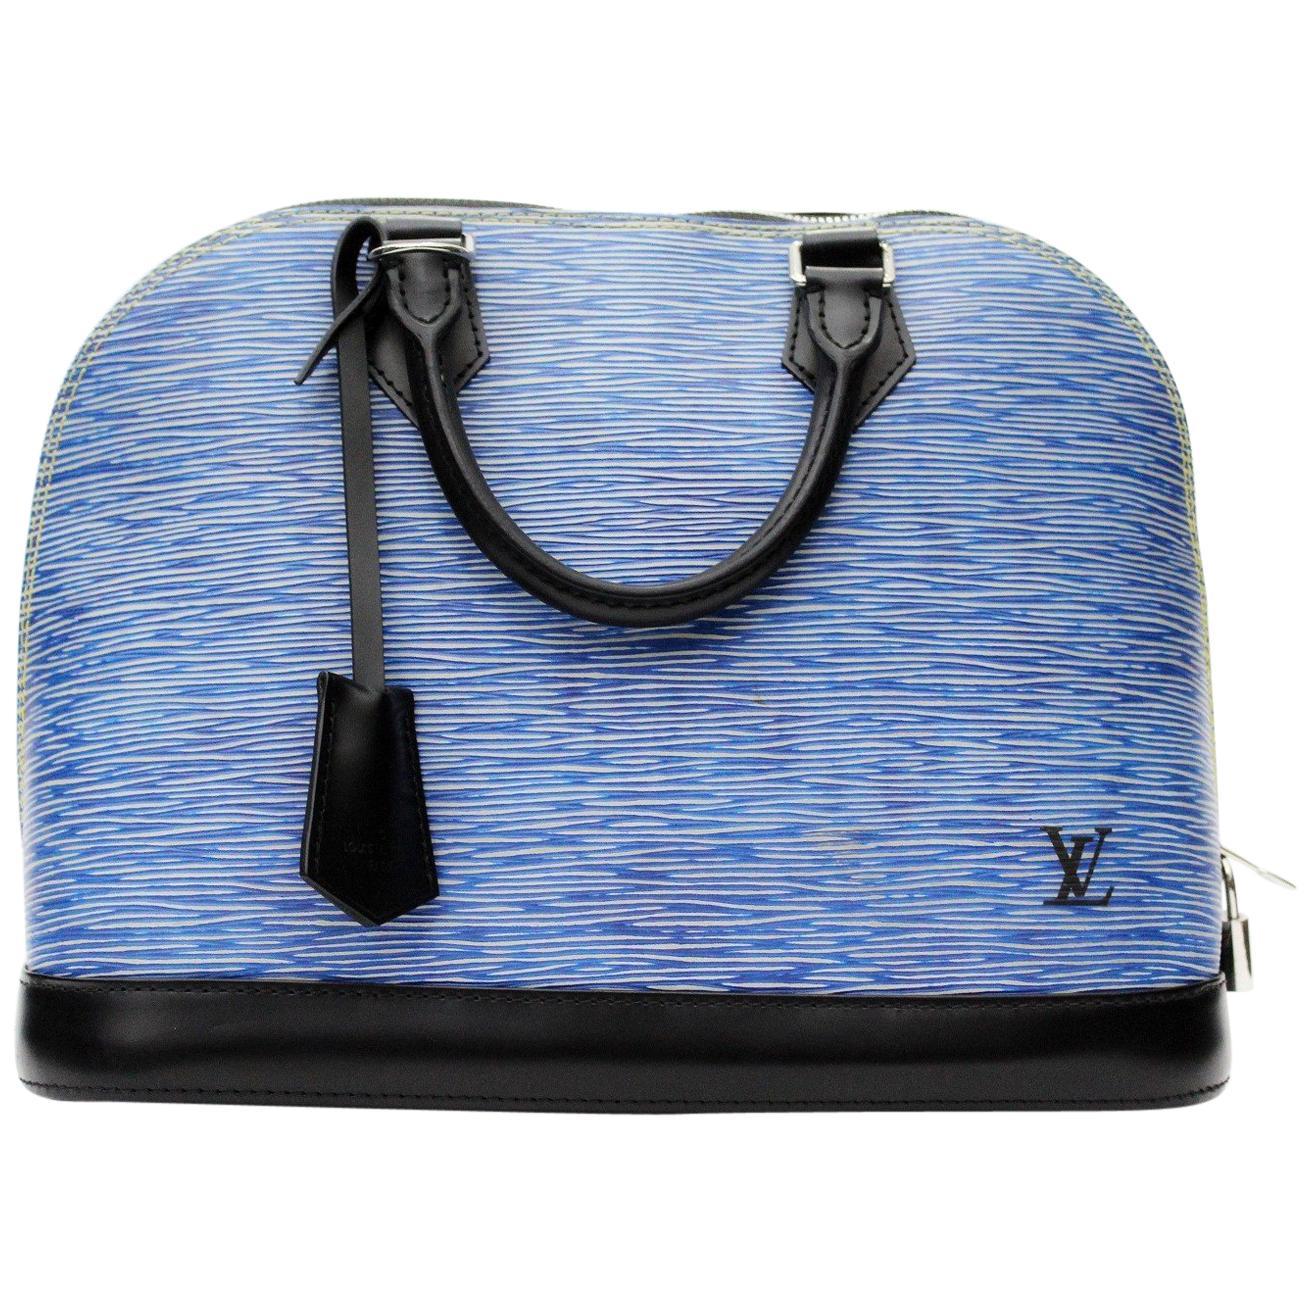 Louis Vuitton Alma PM Leather Epi